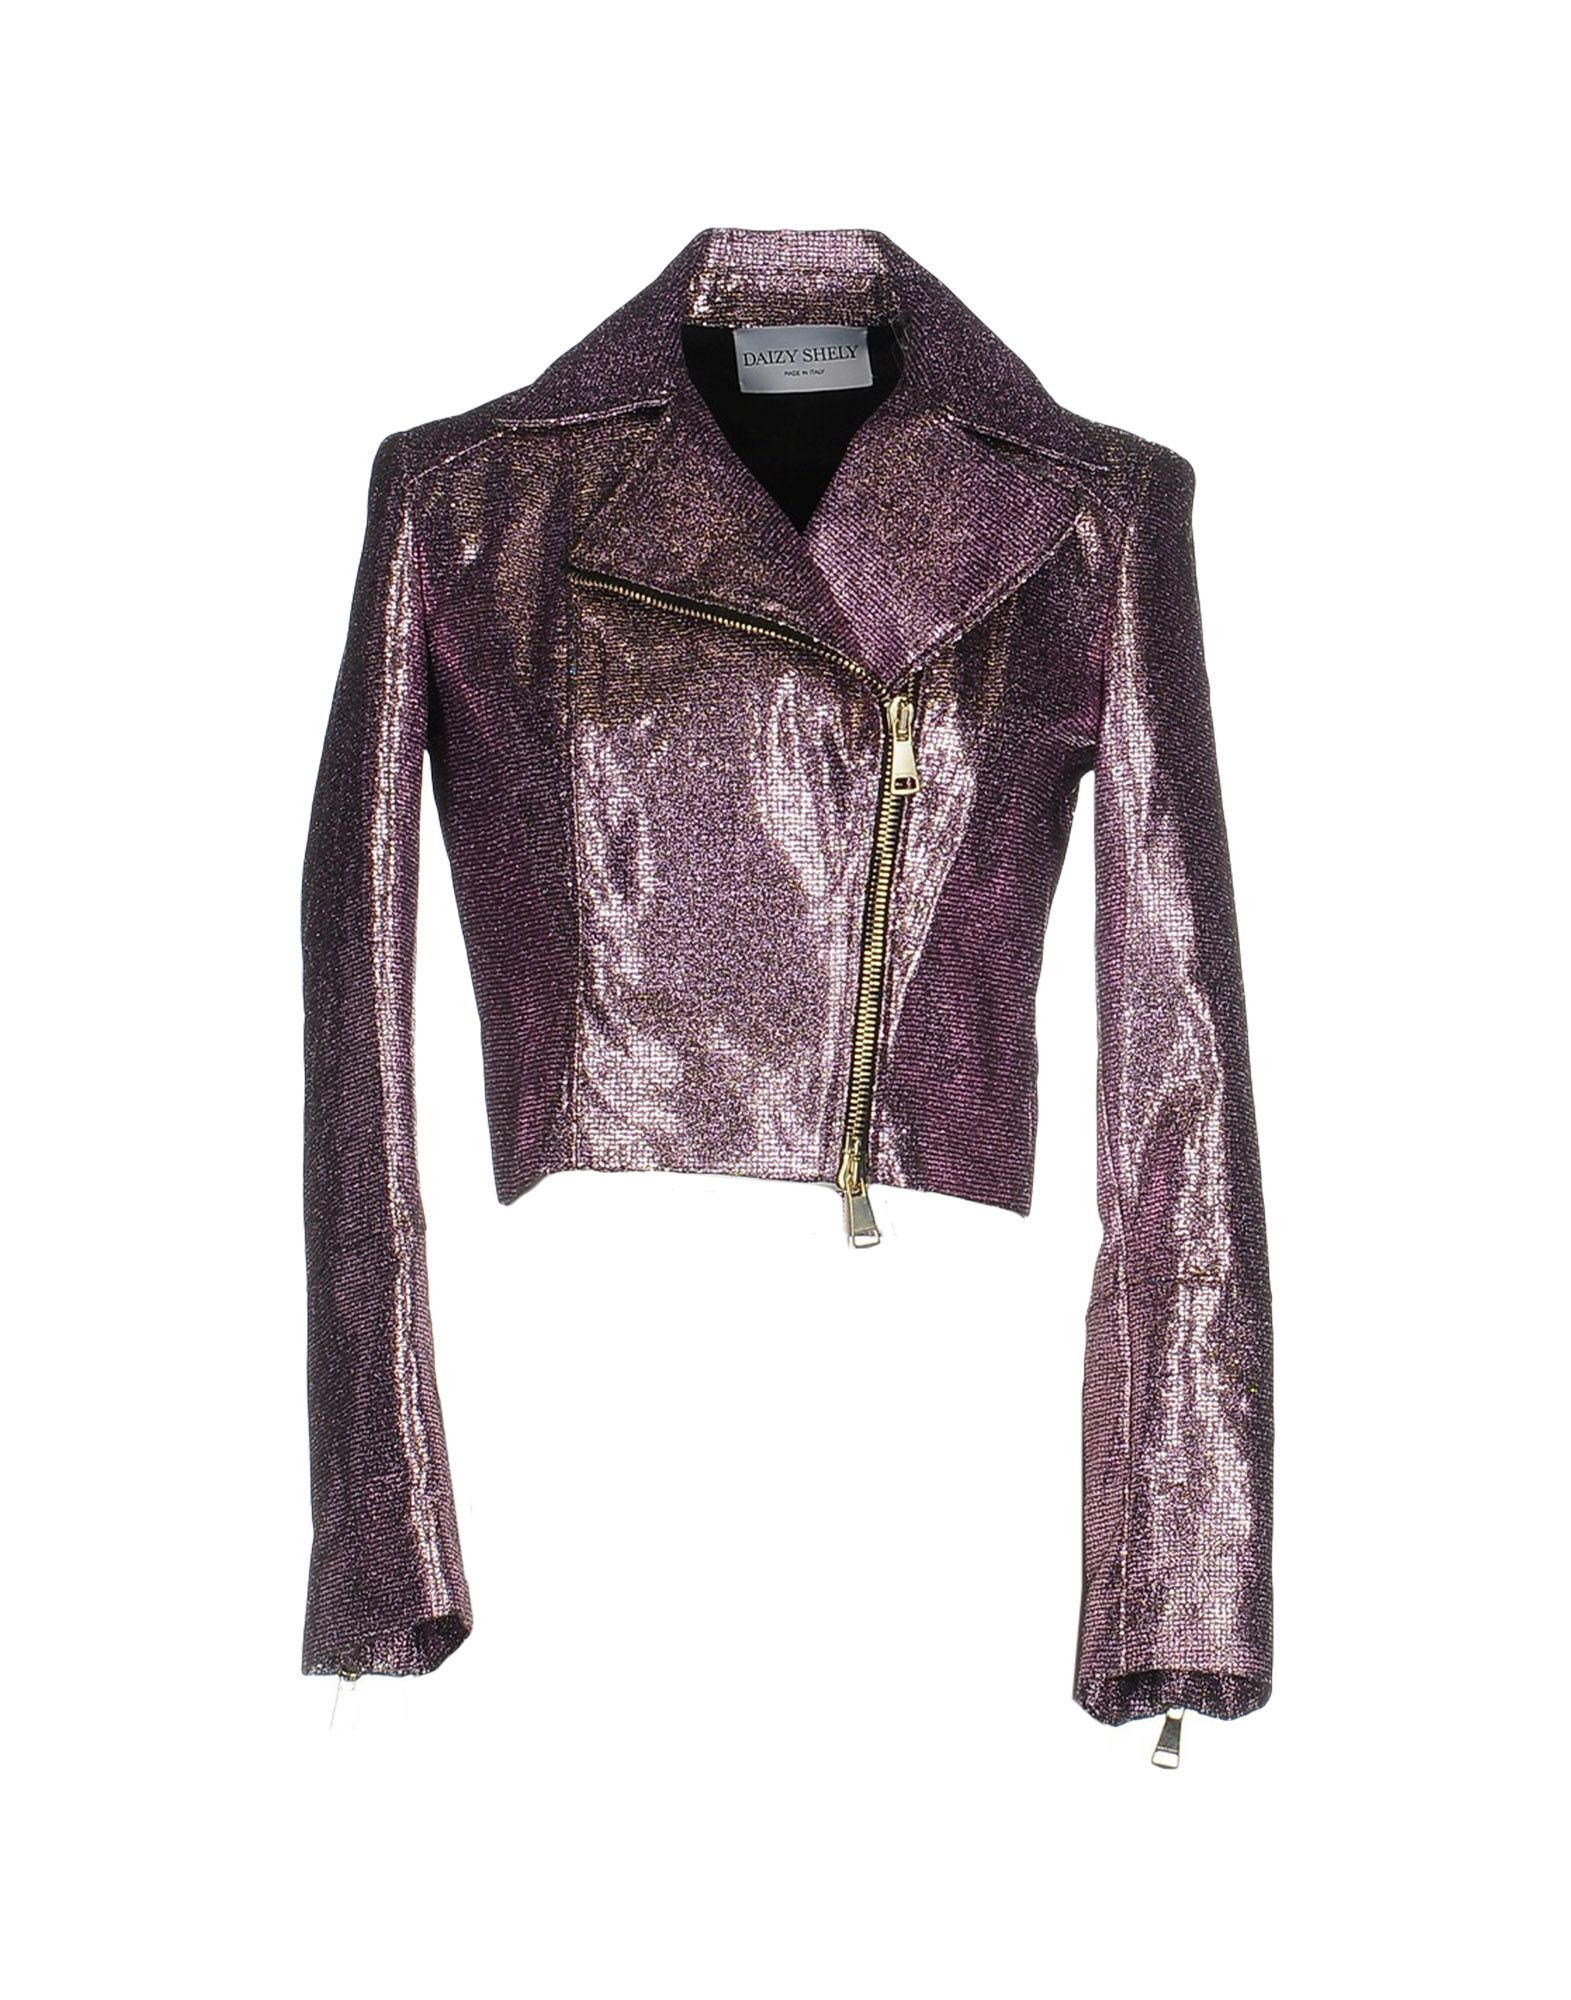 DAIZY SHELY Biker Jacket in Light Purple